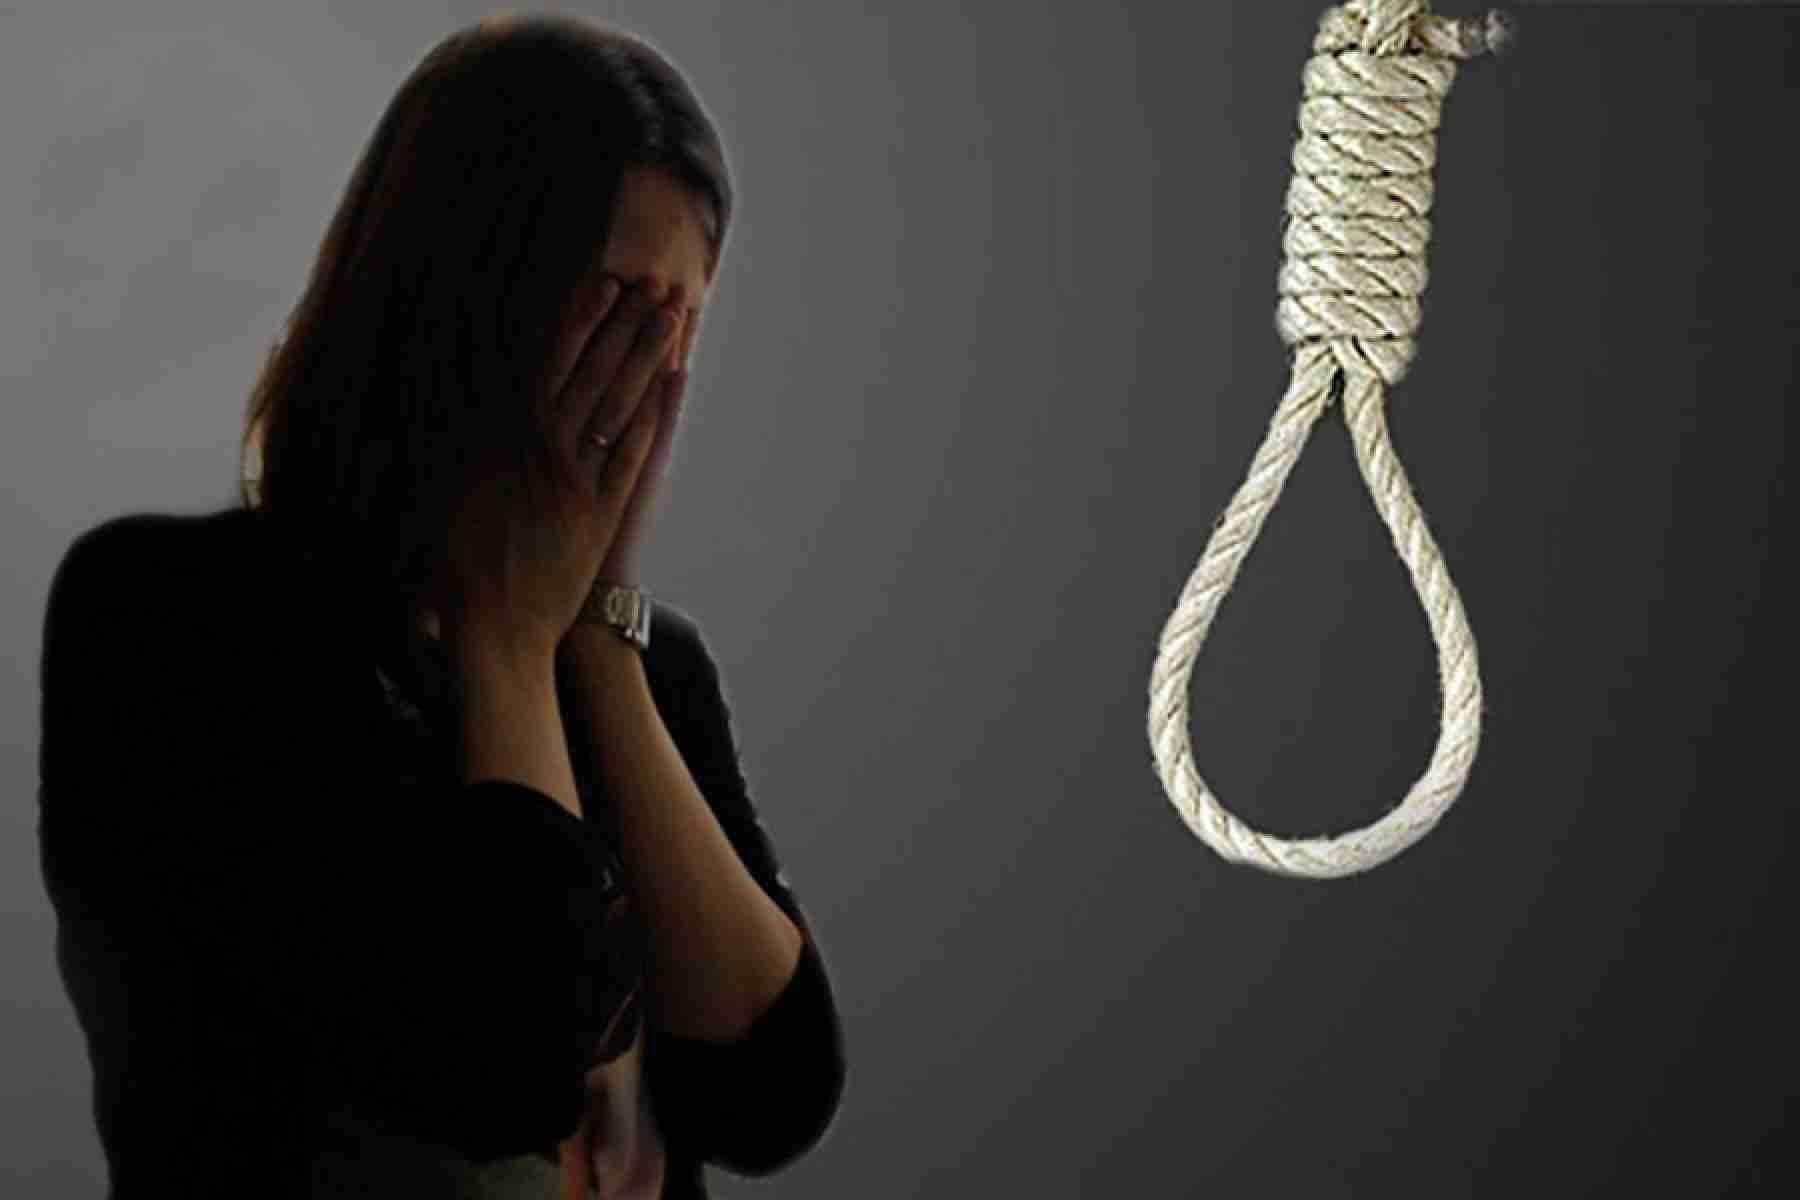 Интимный шантаж довел жительницу Атырау до самоубийства